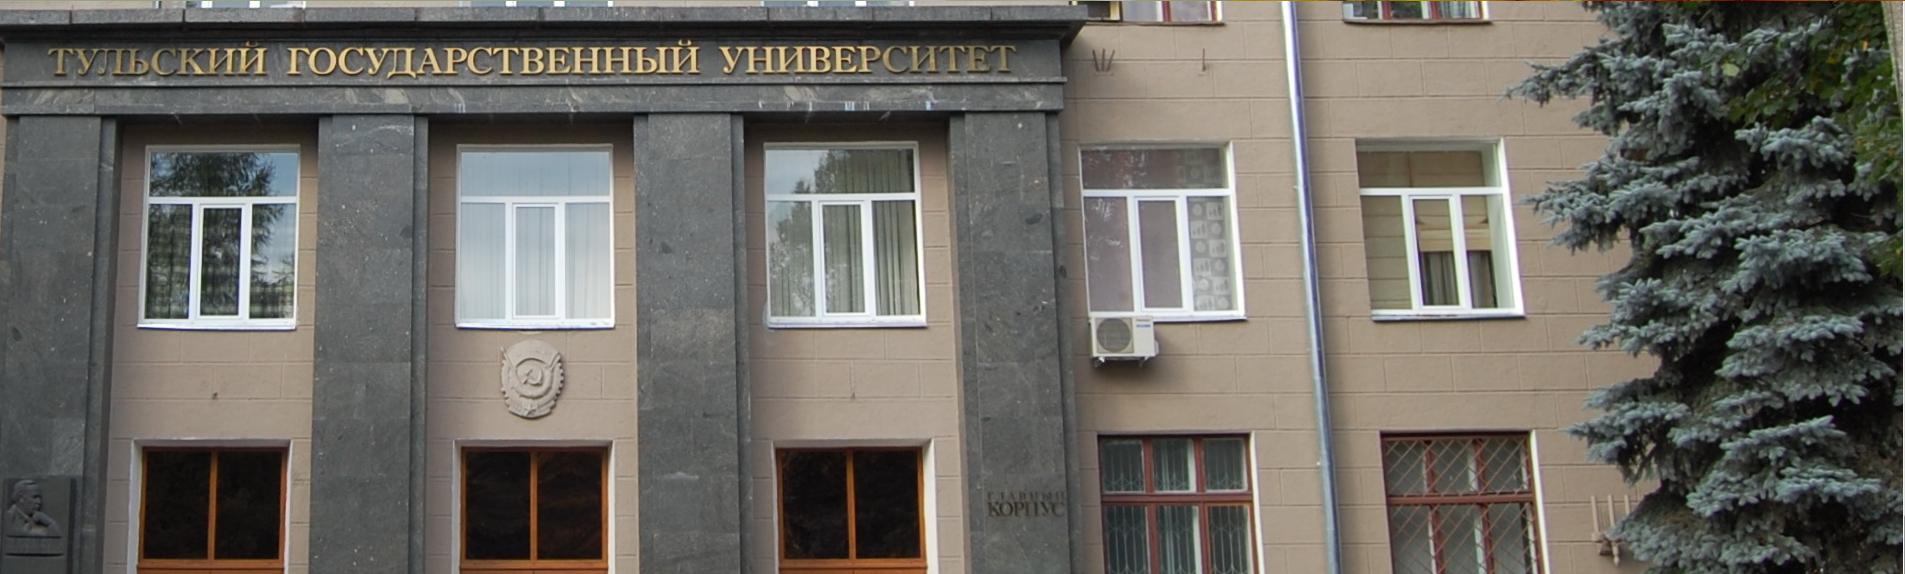 """ФГБОУ ВО """"ТулГУ"""""""